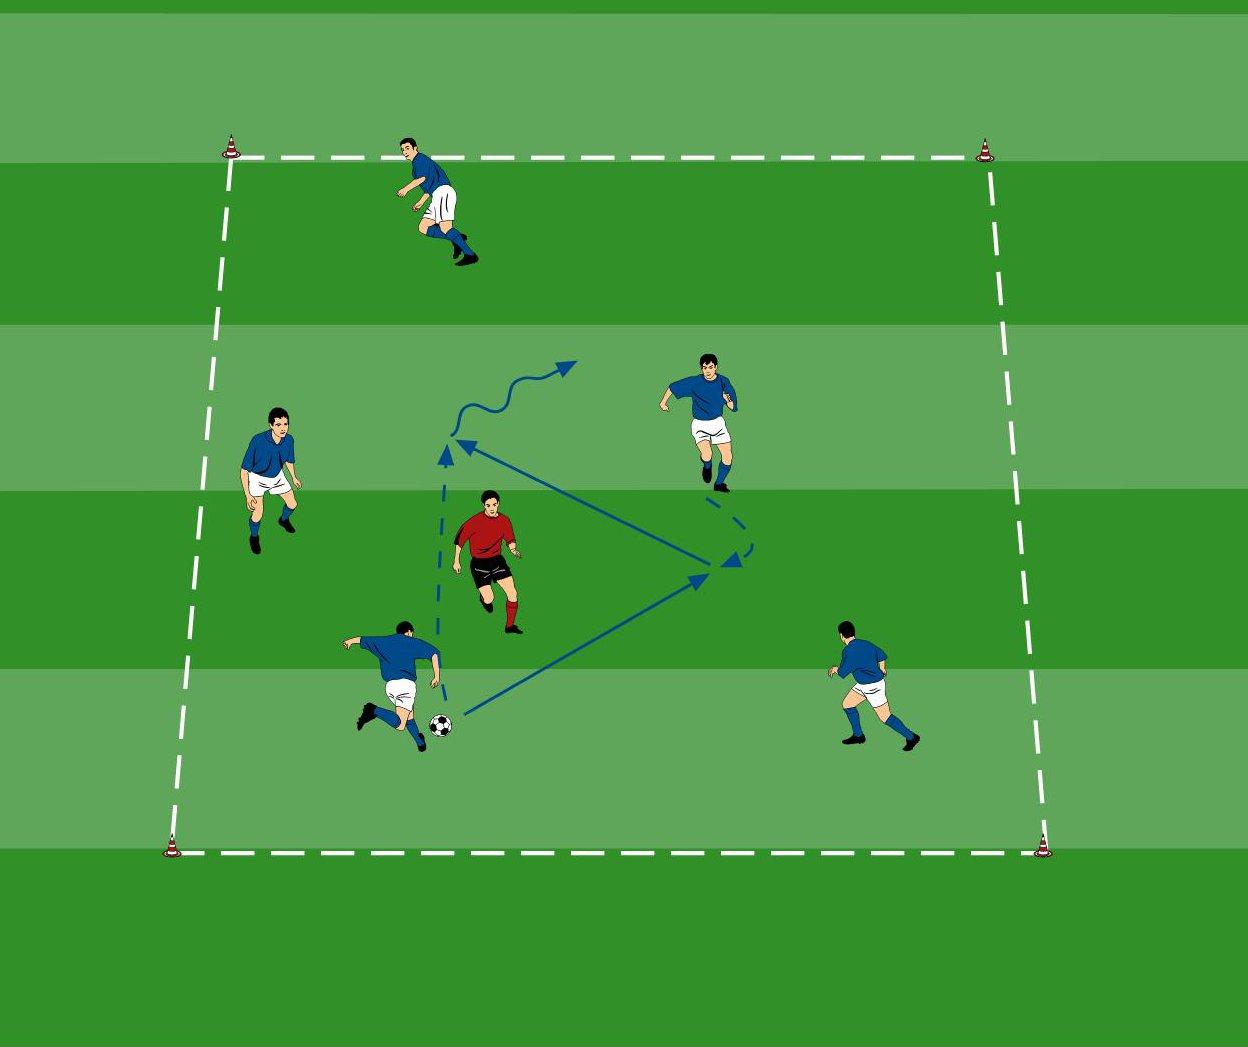 Doppelpass mit Gegenspieler